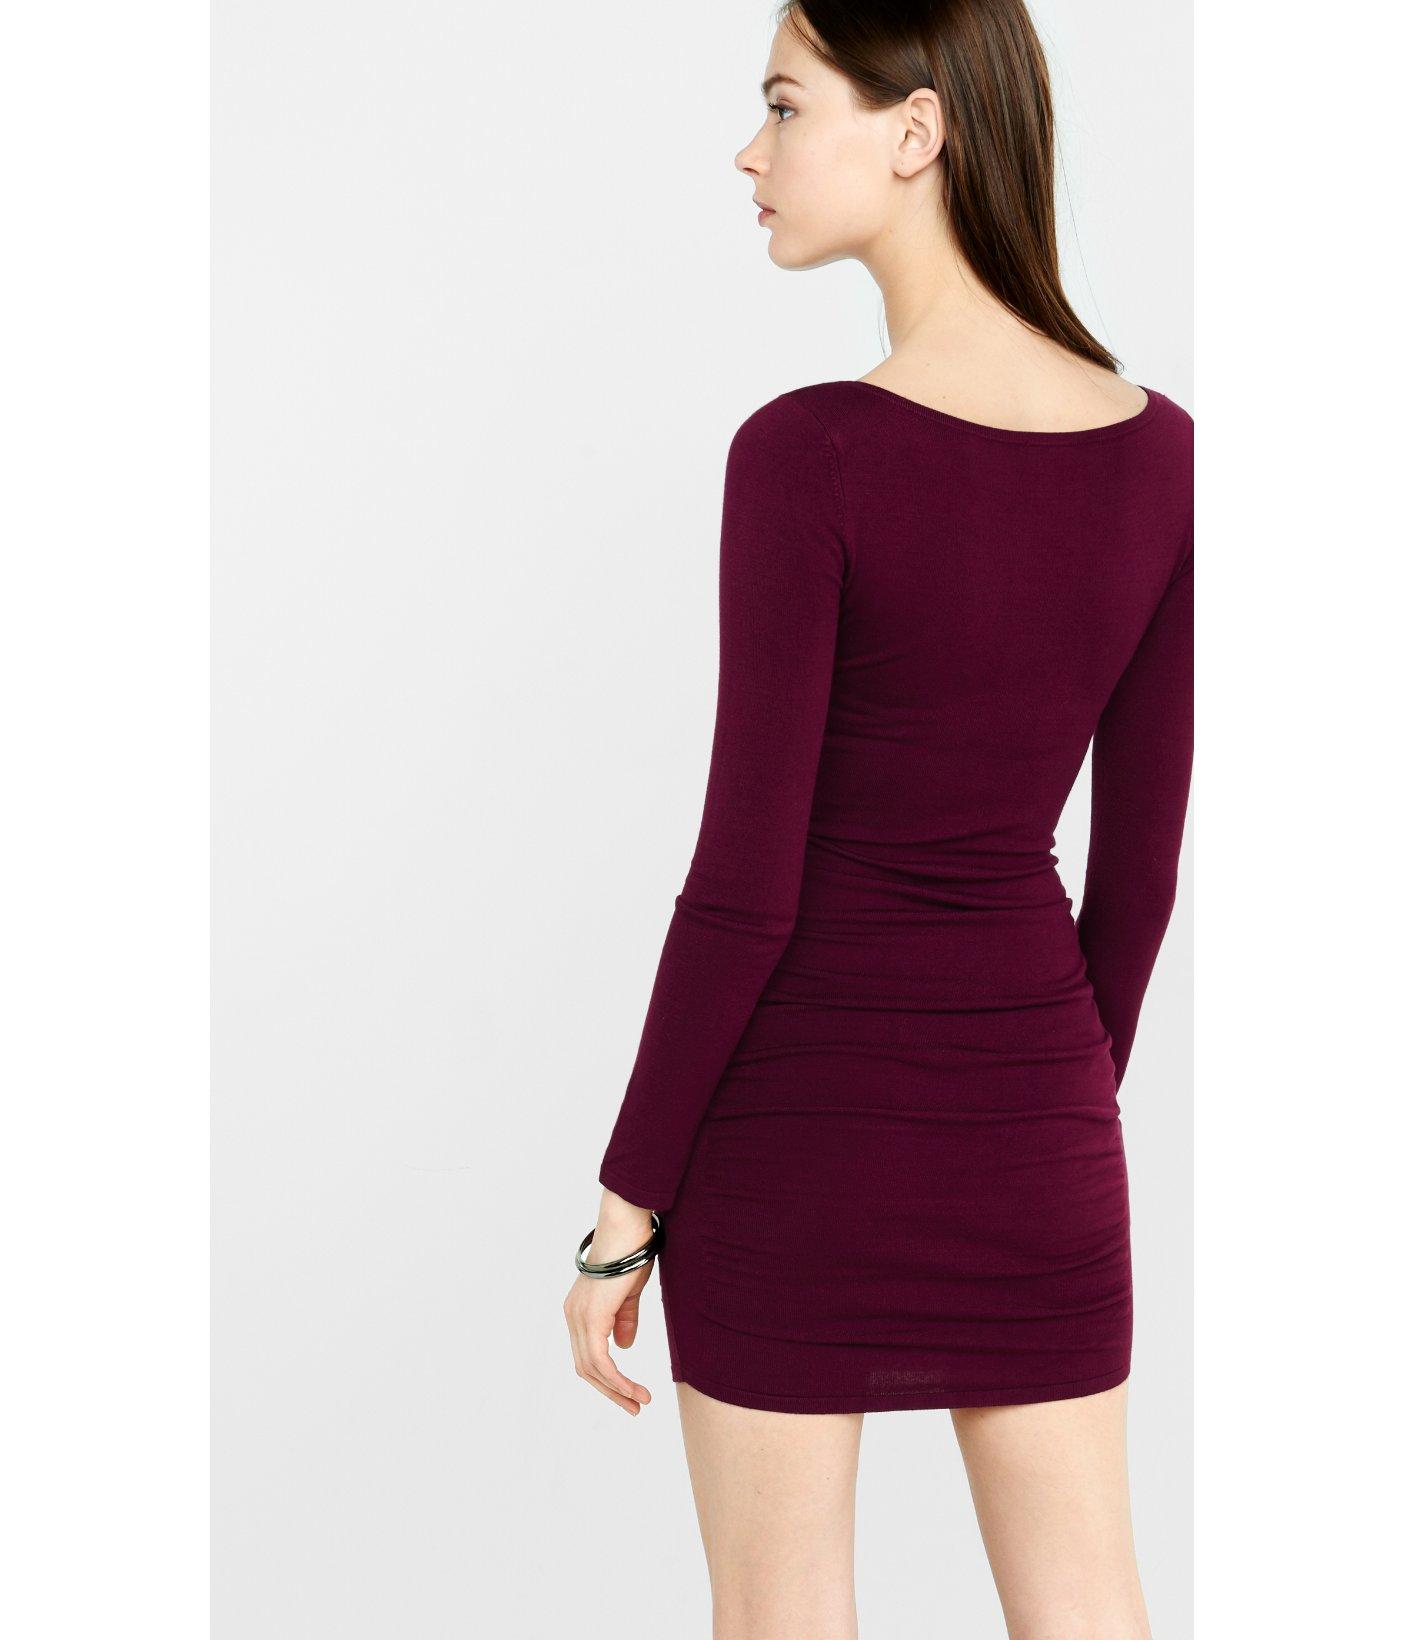 Express Crisscross Sweater Dress in Purple | Lyst